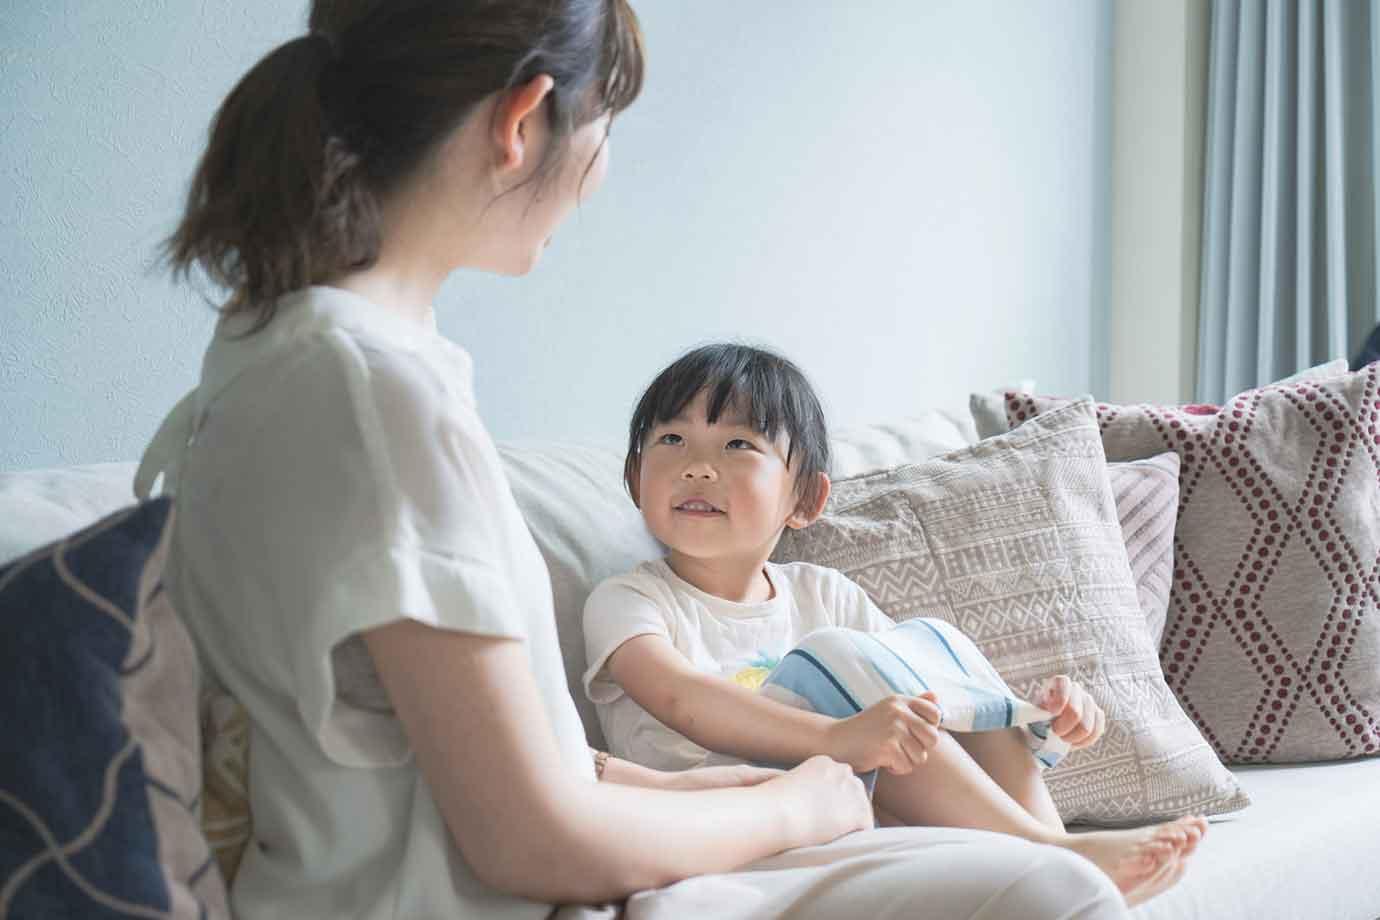 防災について、子どもとも一緒に話してみましょう